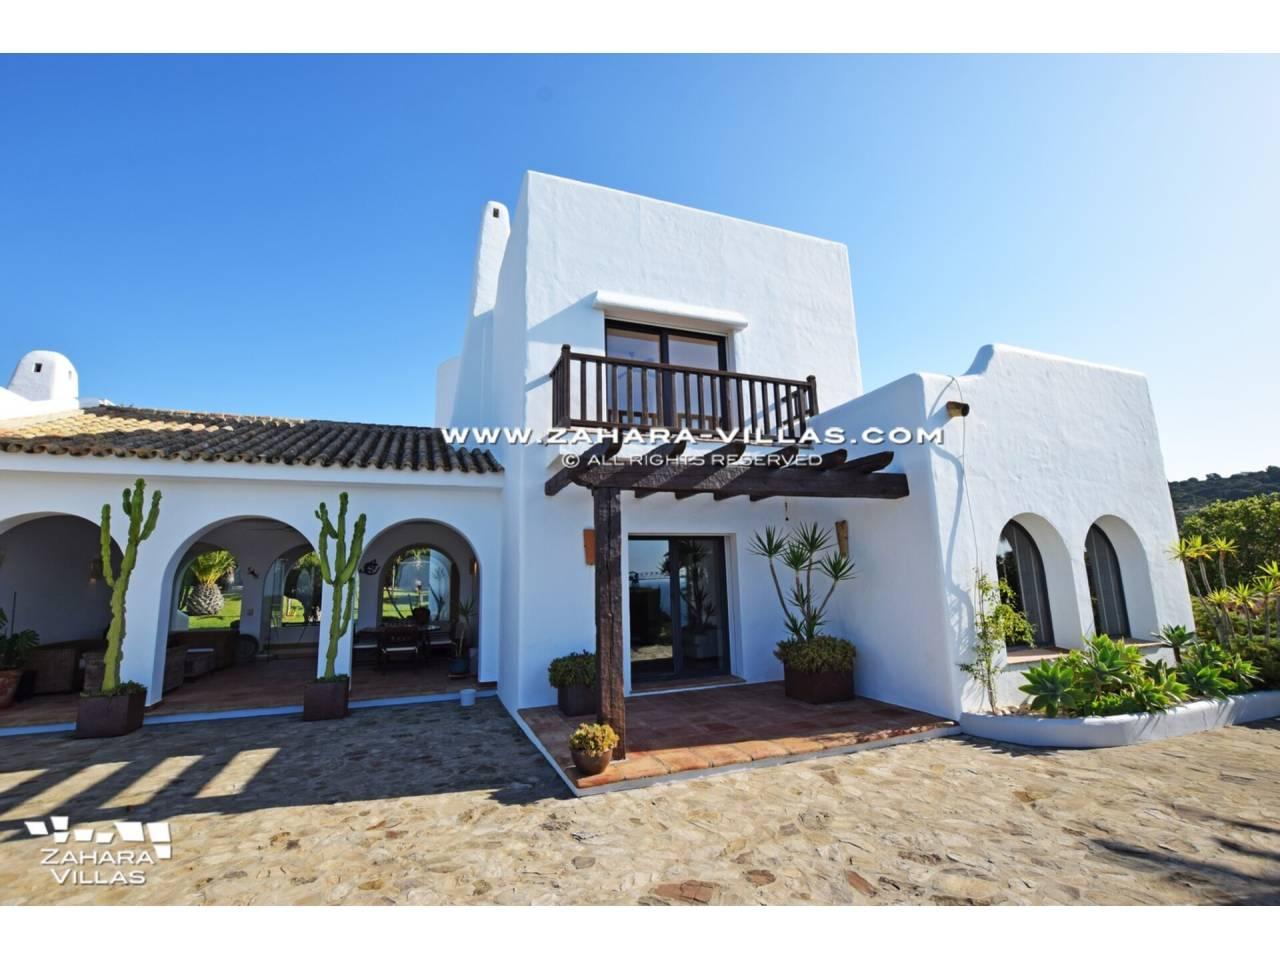 Imagen 46 de Maravilloso Chalet en venta en la zona del Faro Camarinal con vistas panorámicas a la Playa de los Alemanes